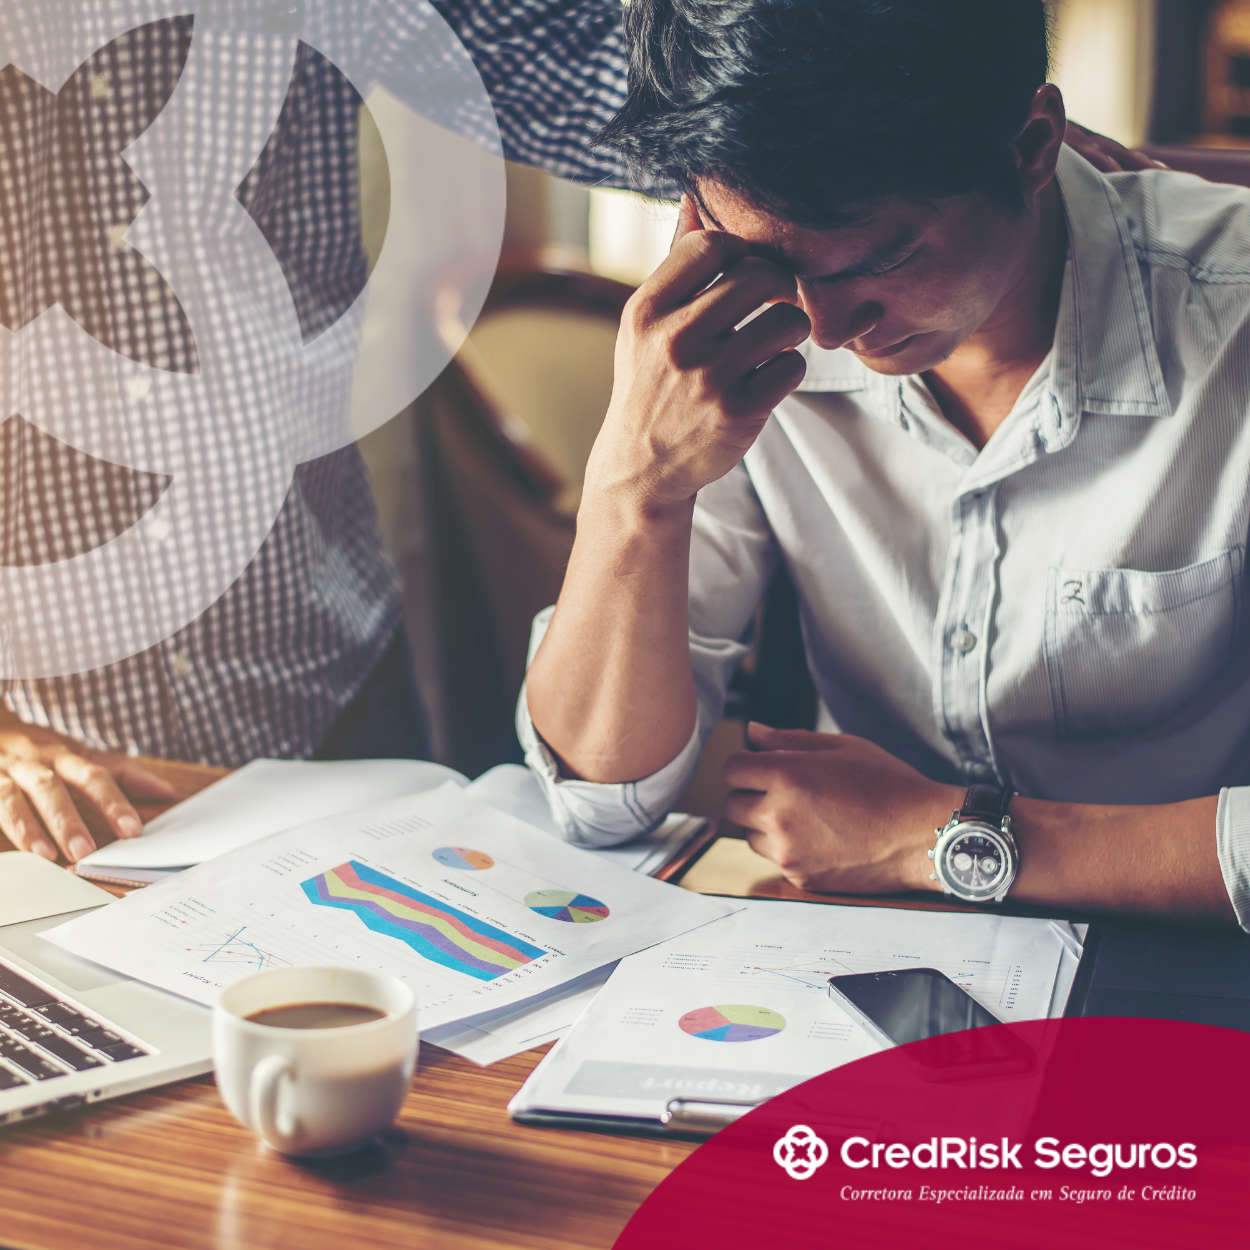 Seguro de Crédito surge como a melhor alternativa para proteger sua empresa